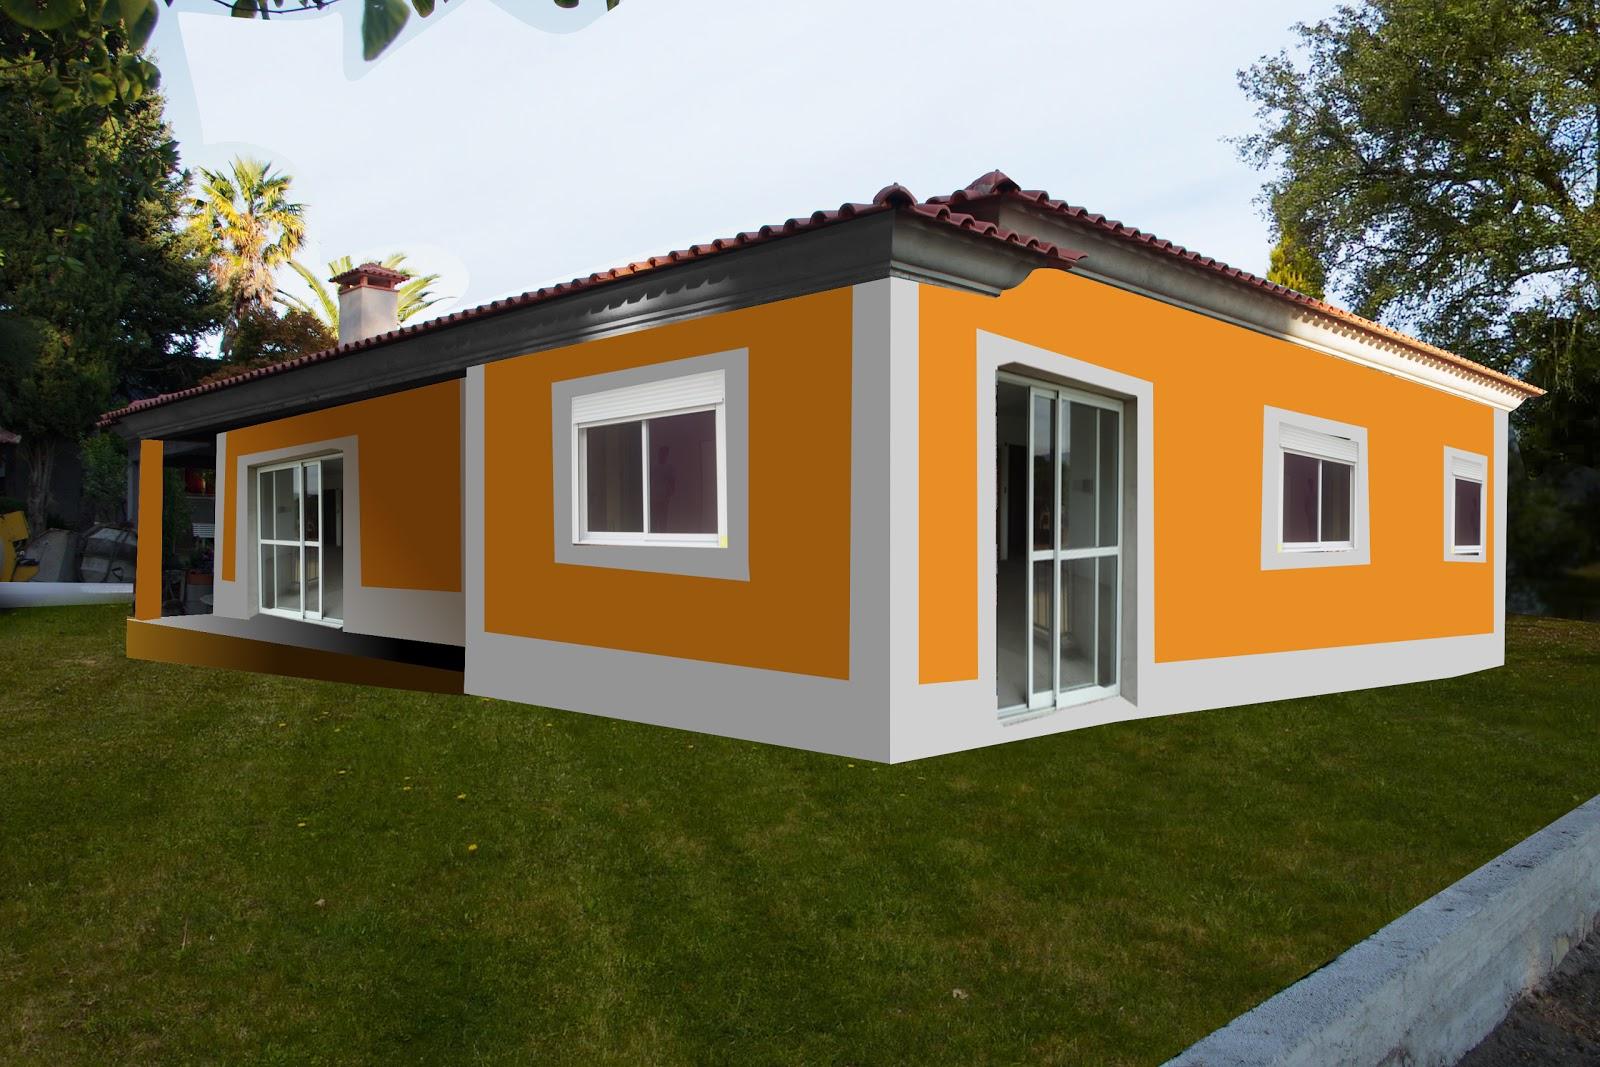 Di rio da nossa casa images frompo - Colores para pintar tu casa ...